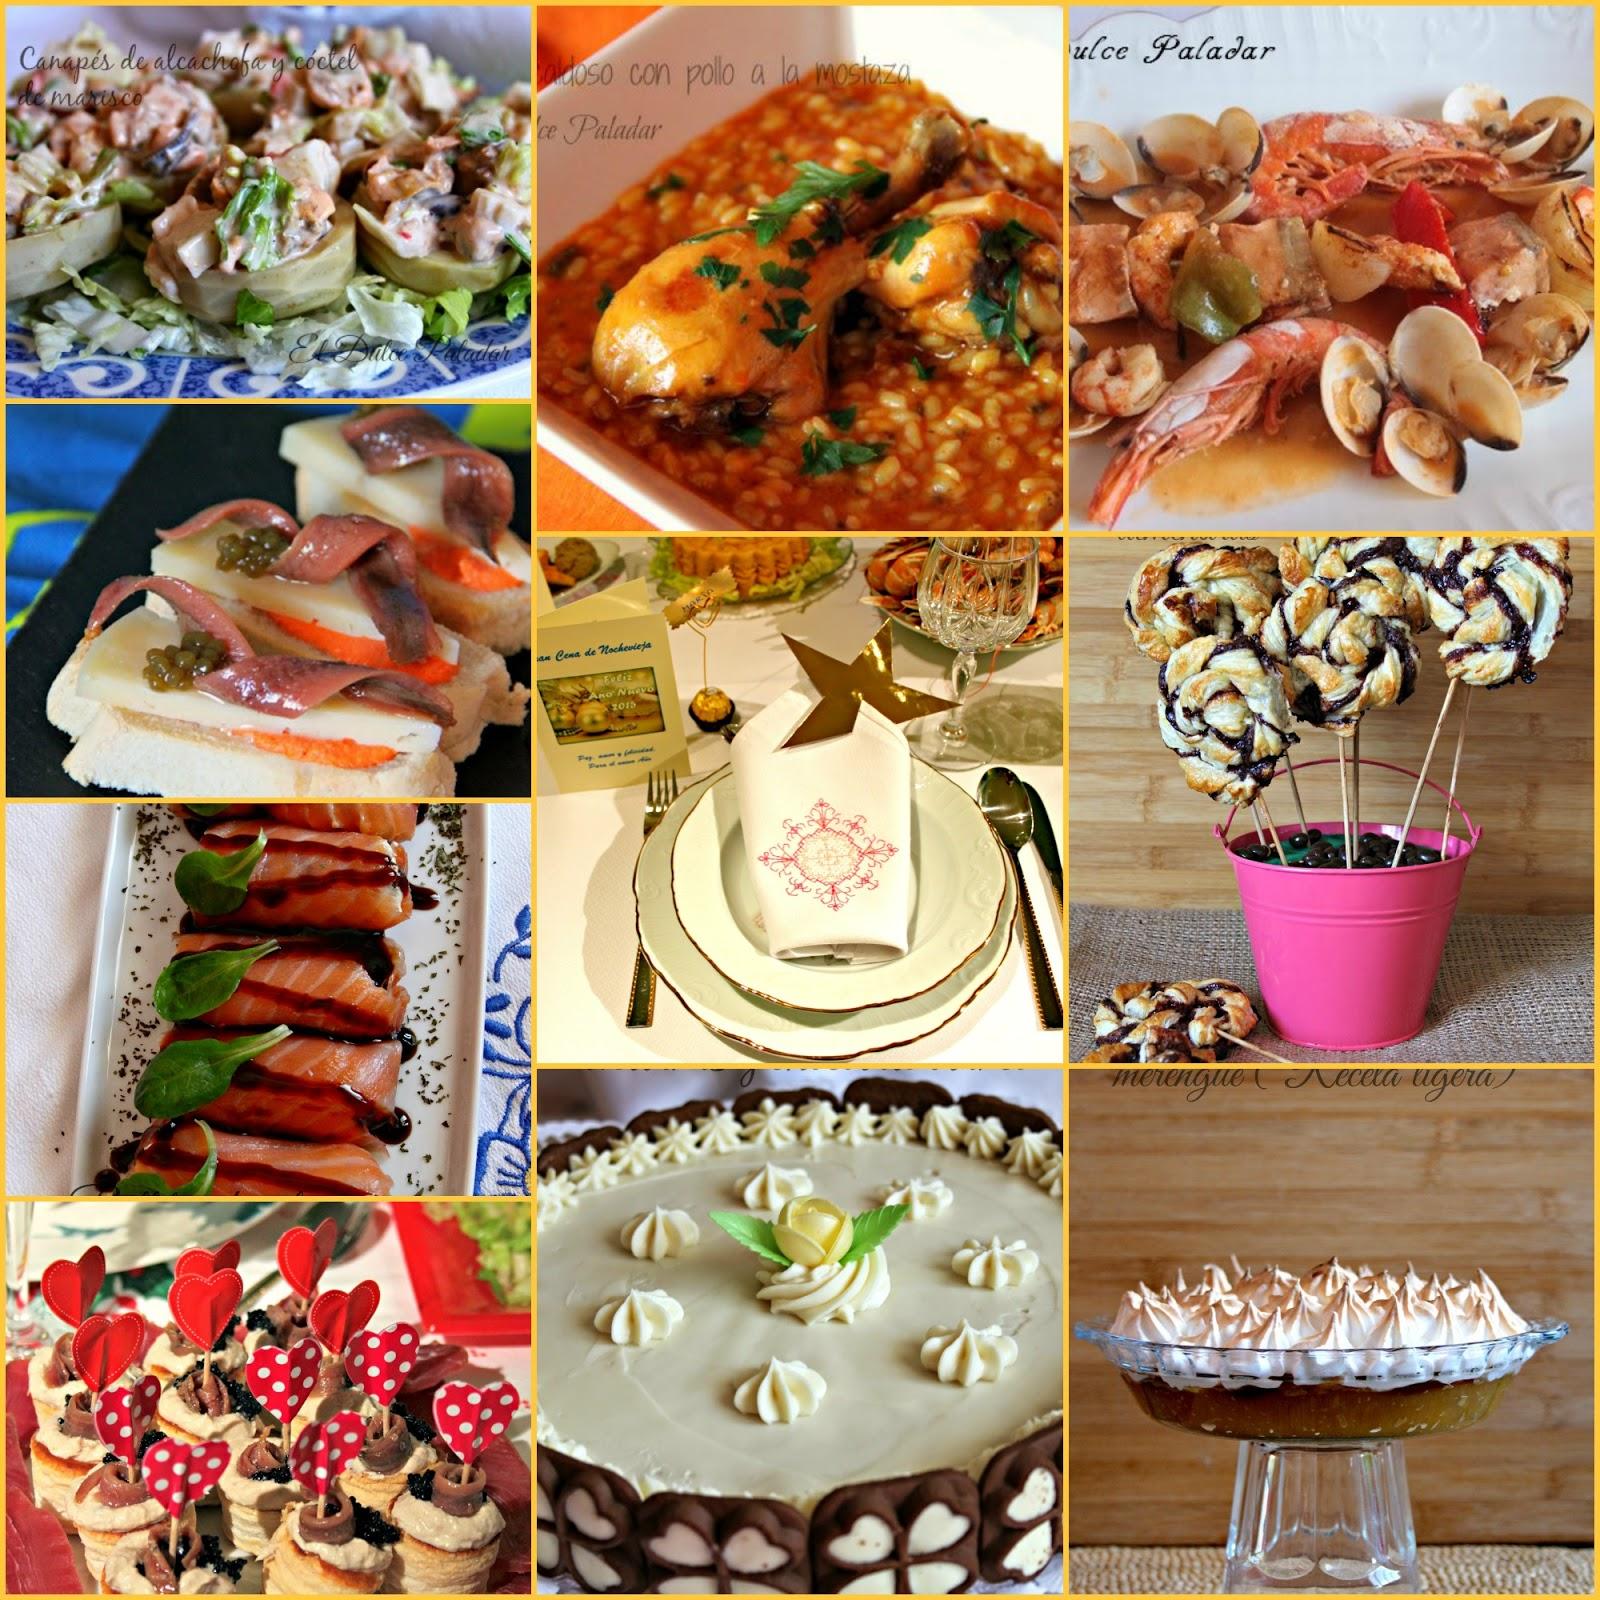 Men de nochevieja ideas y decoraci n el dulce paladar - Ideas para cena de nochevieja ...